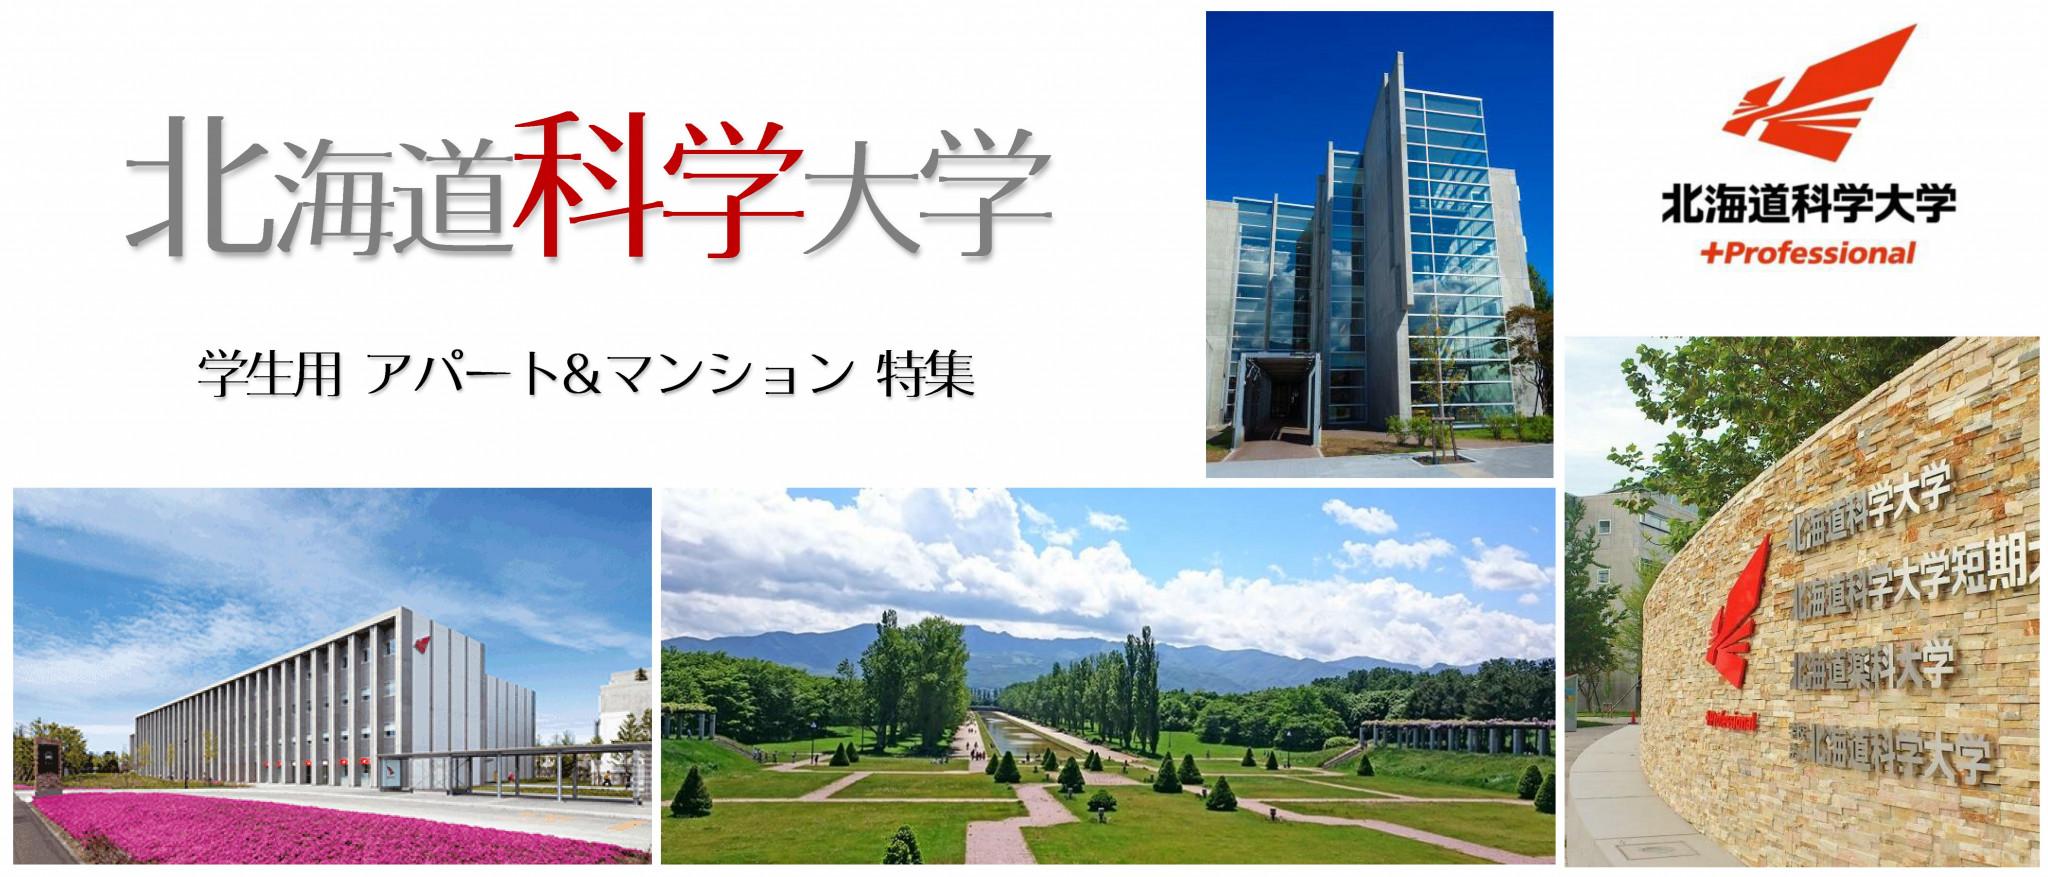 北海道科学大学(特集)ロゴ